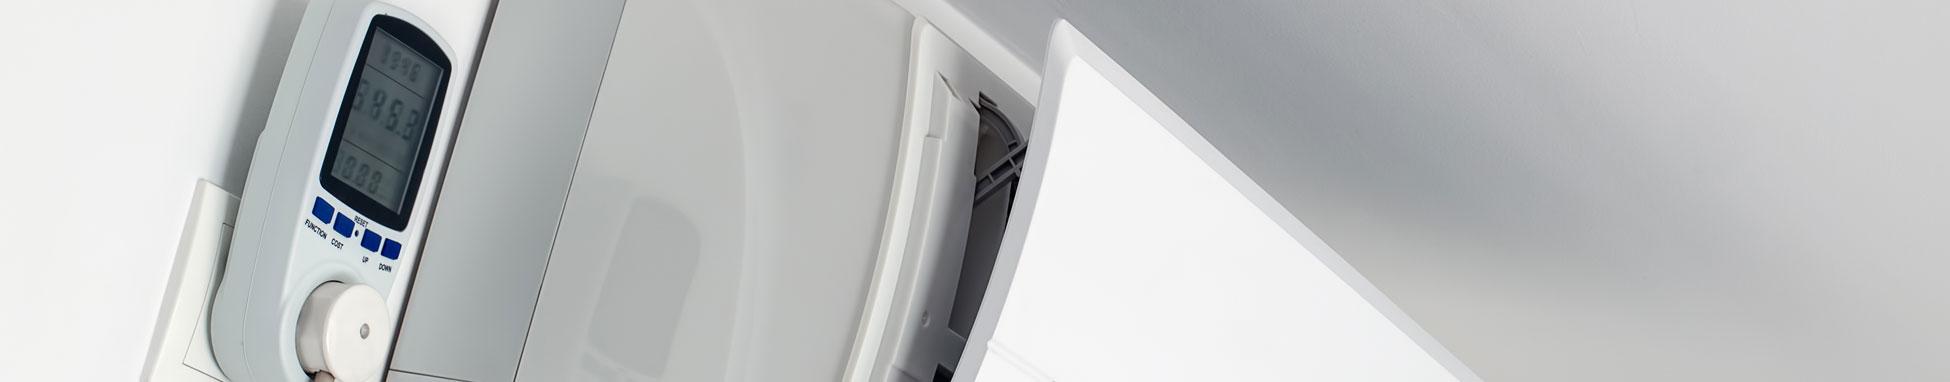 Vente de climatiseur toutes marques